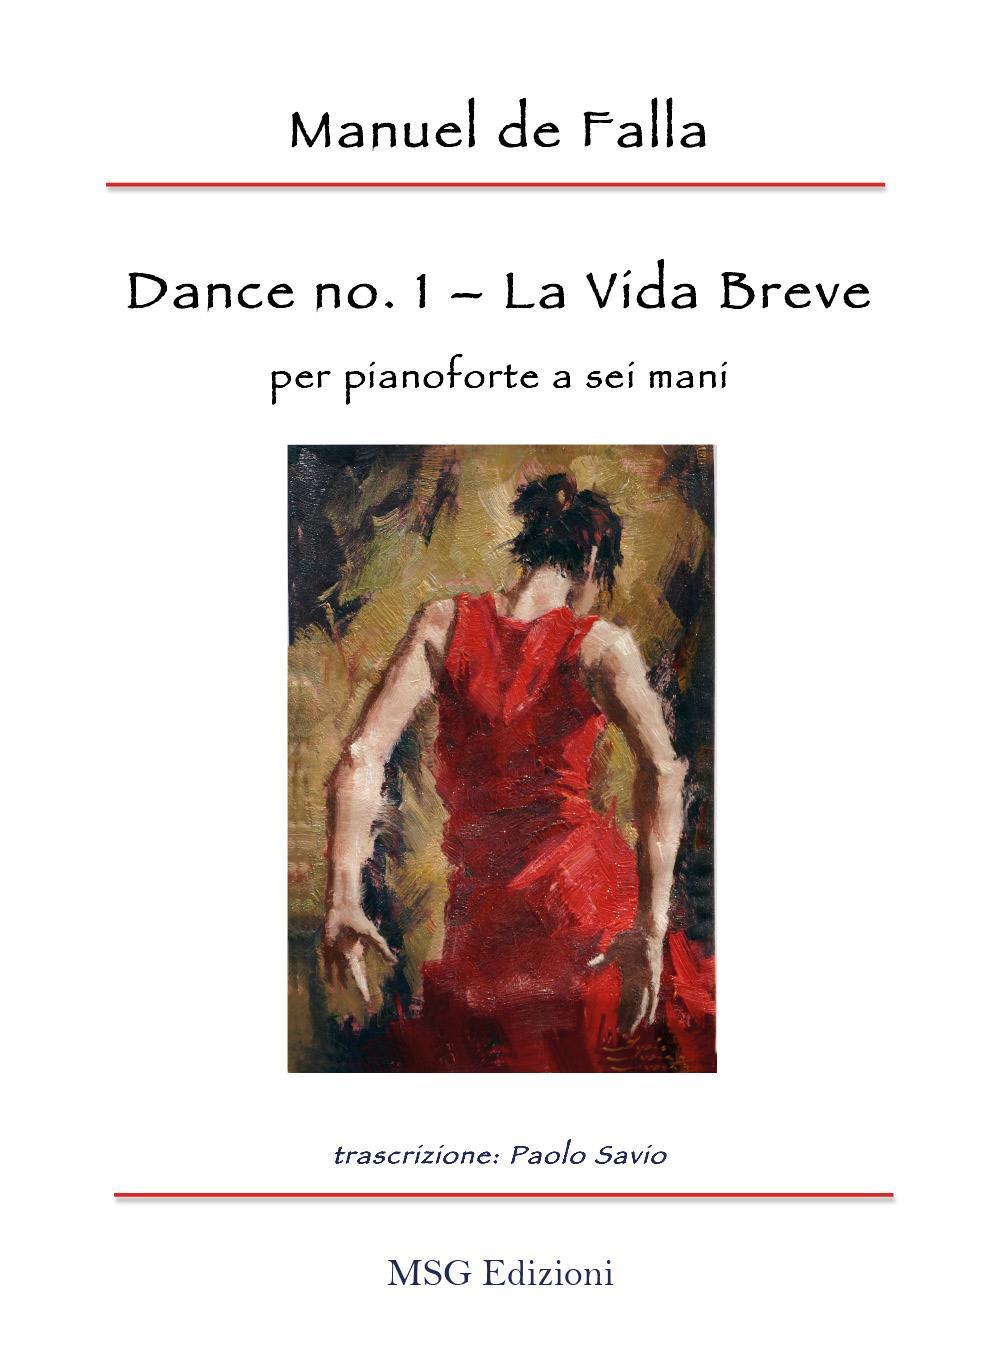 """Dance no. 1 da """"La Vida Breve"""" per pianoforte a sei mani"""